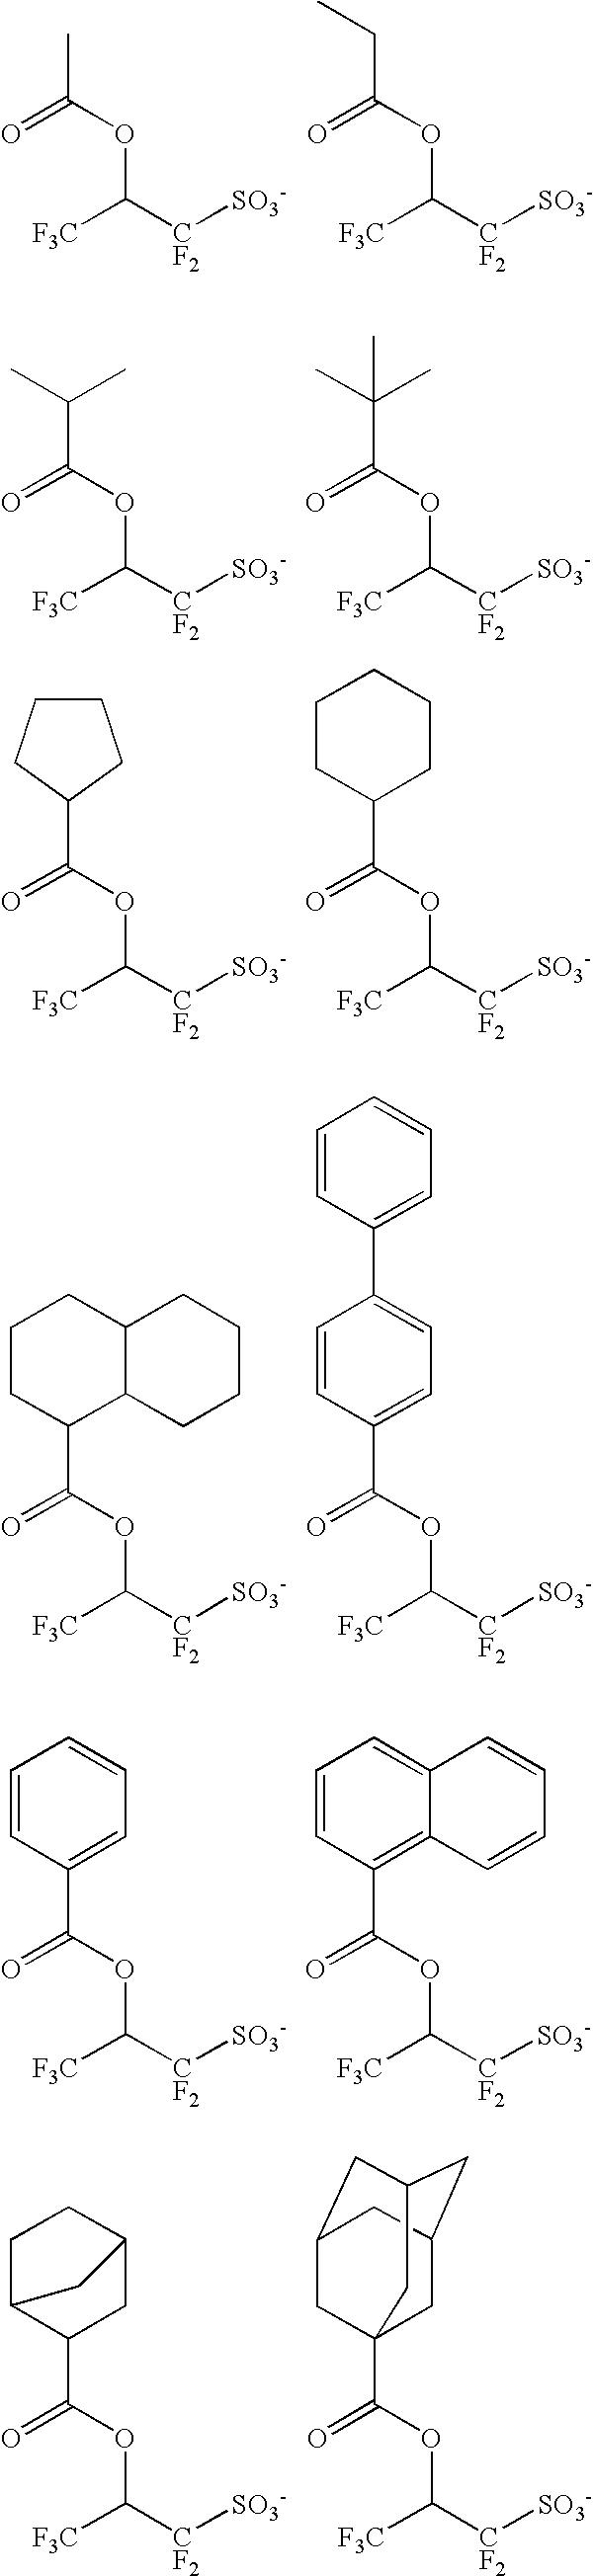 Figure US20080032231A1-20080207-C00001